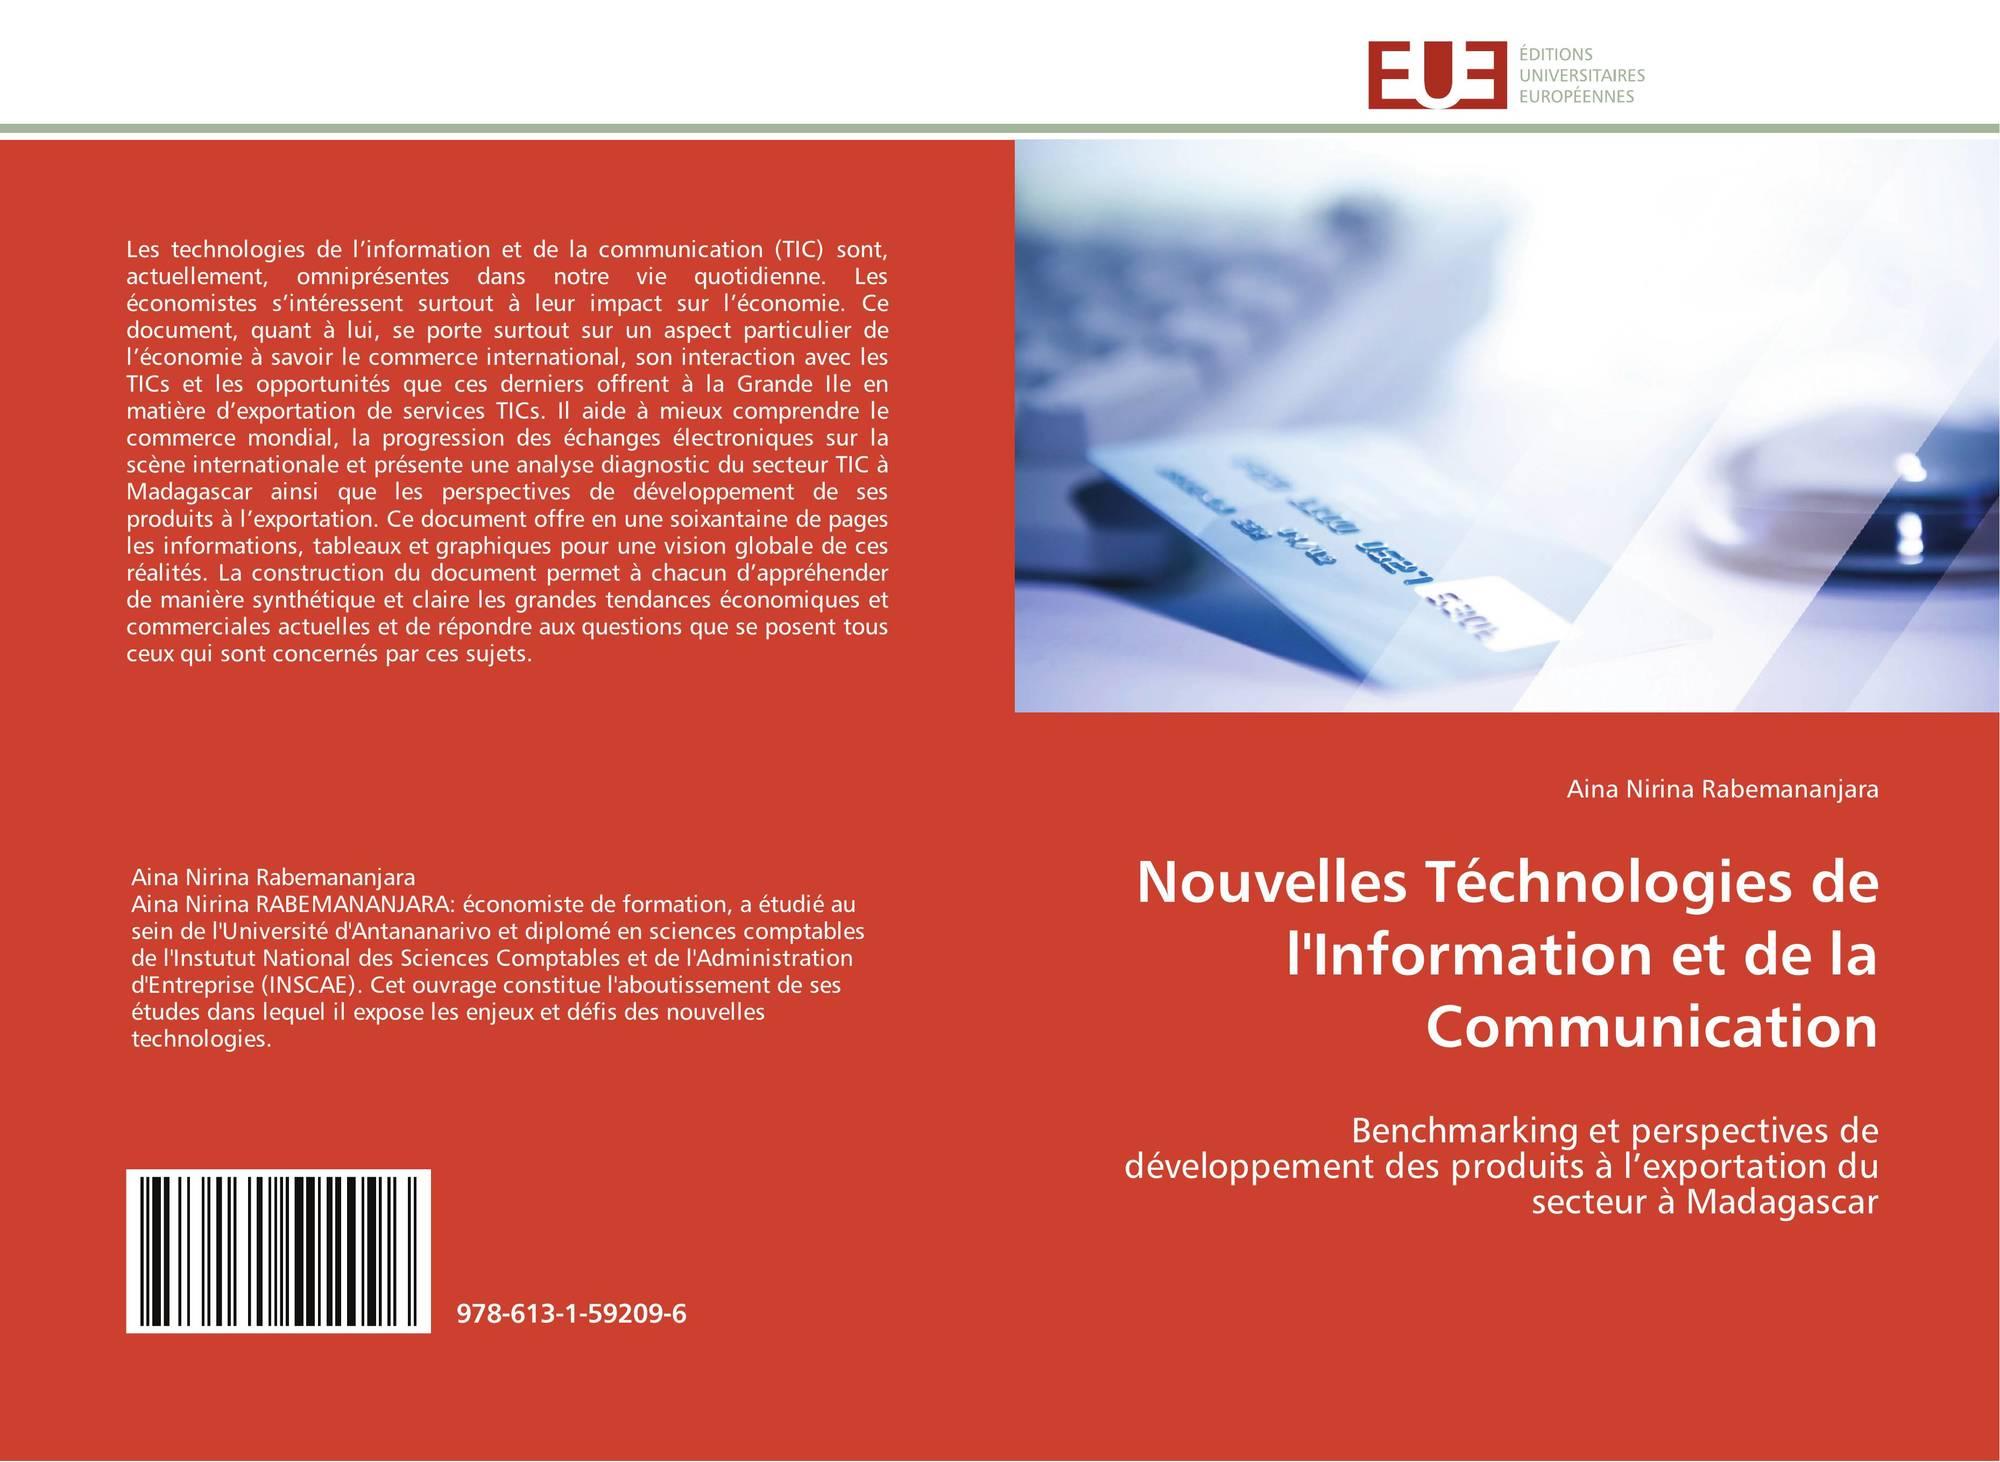 technologies de linformation et de la communication - HD2000×1462